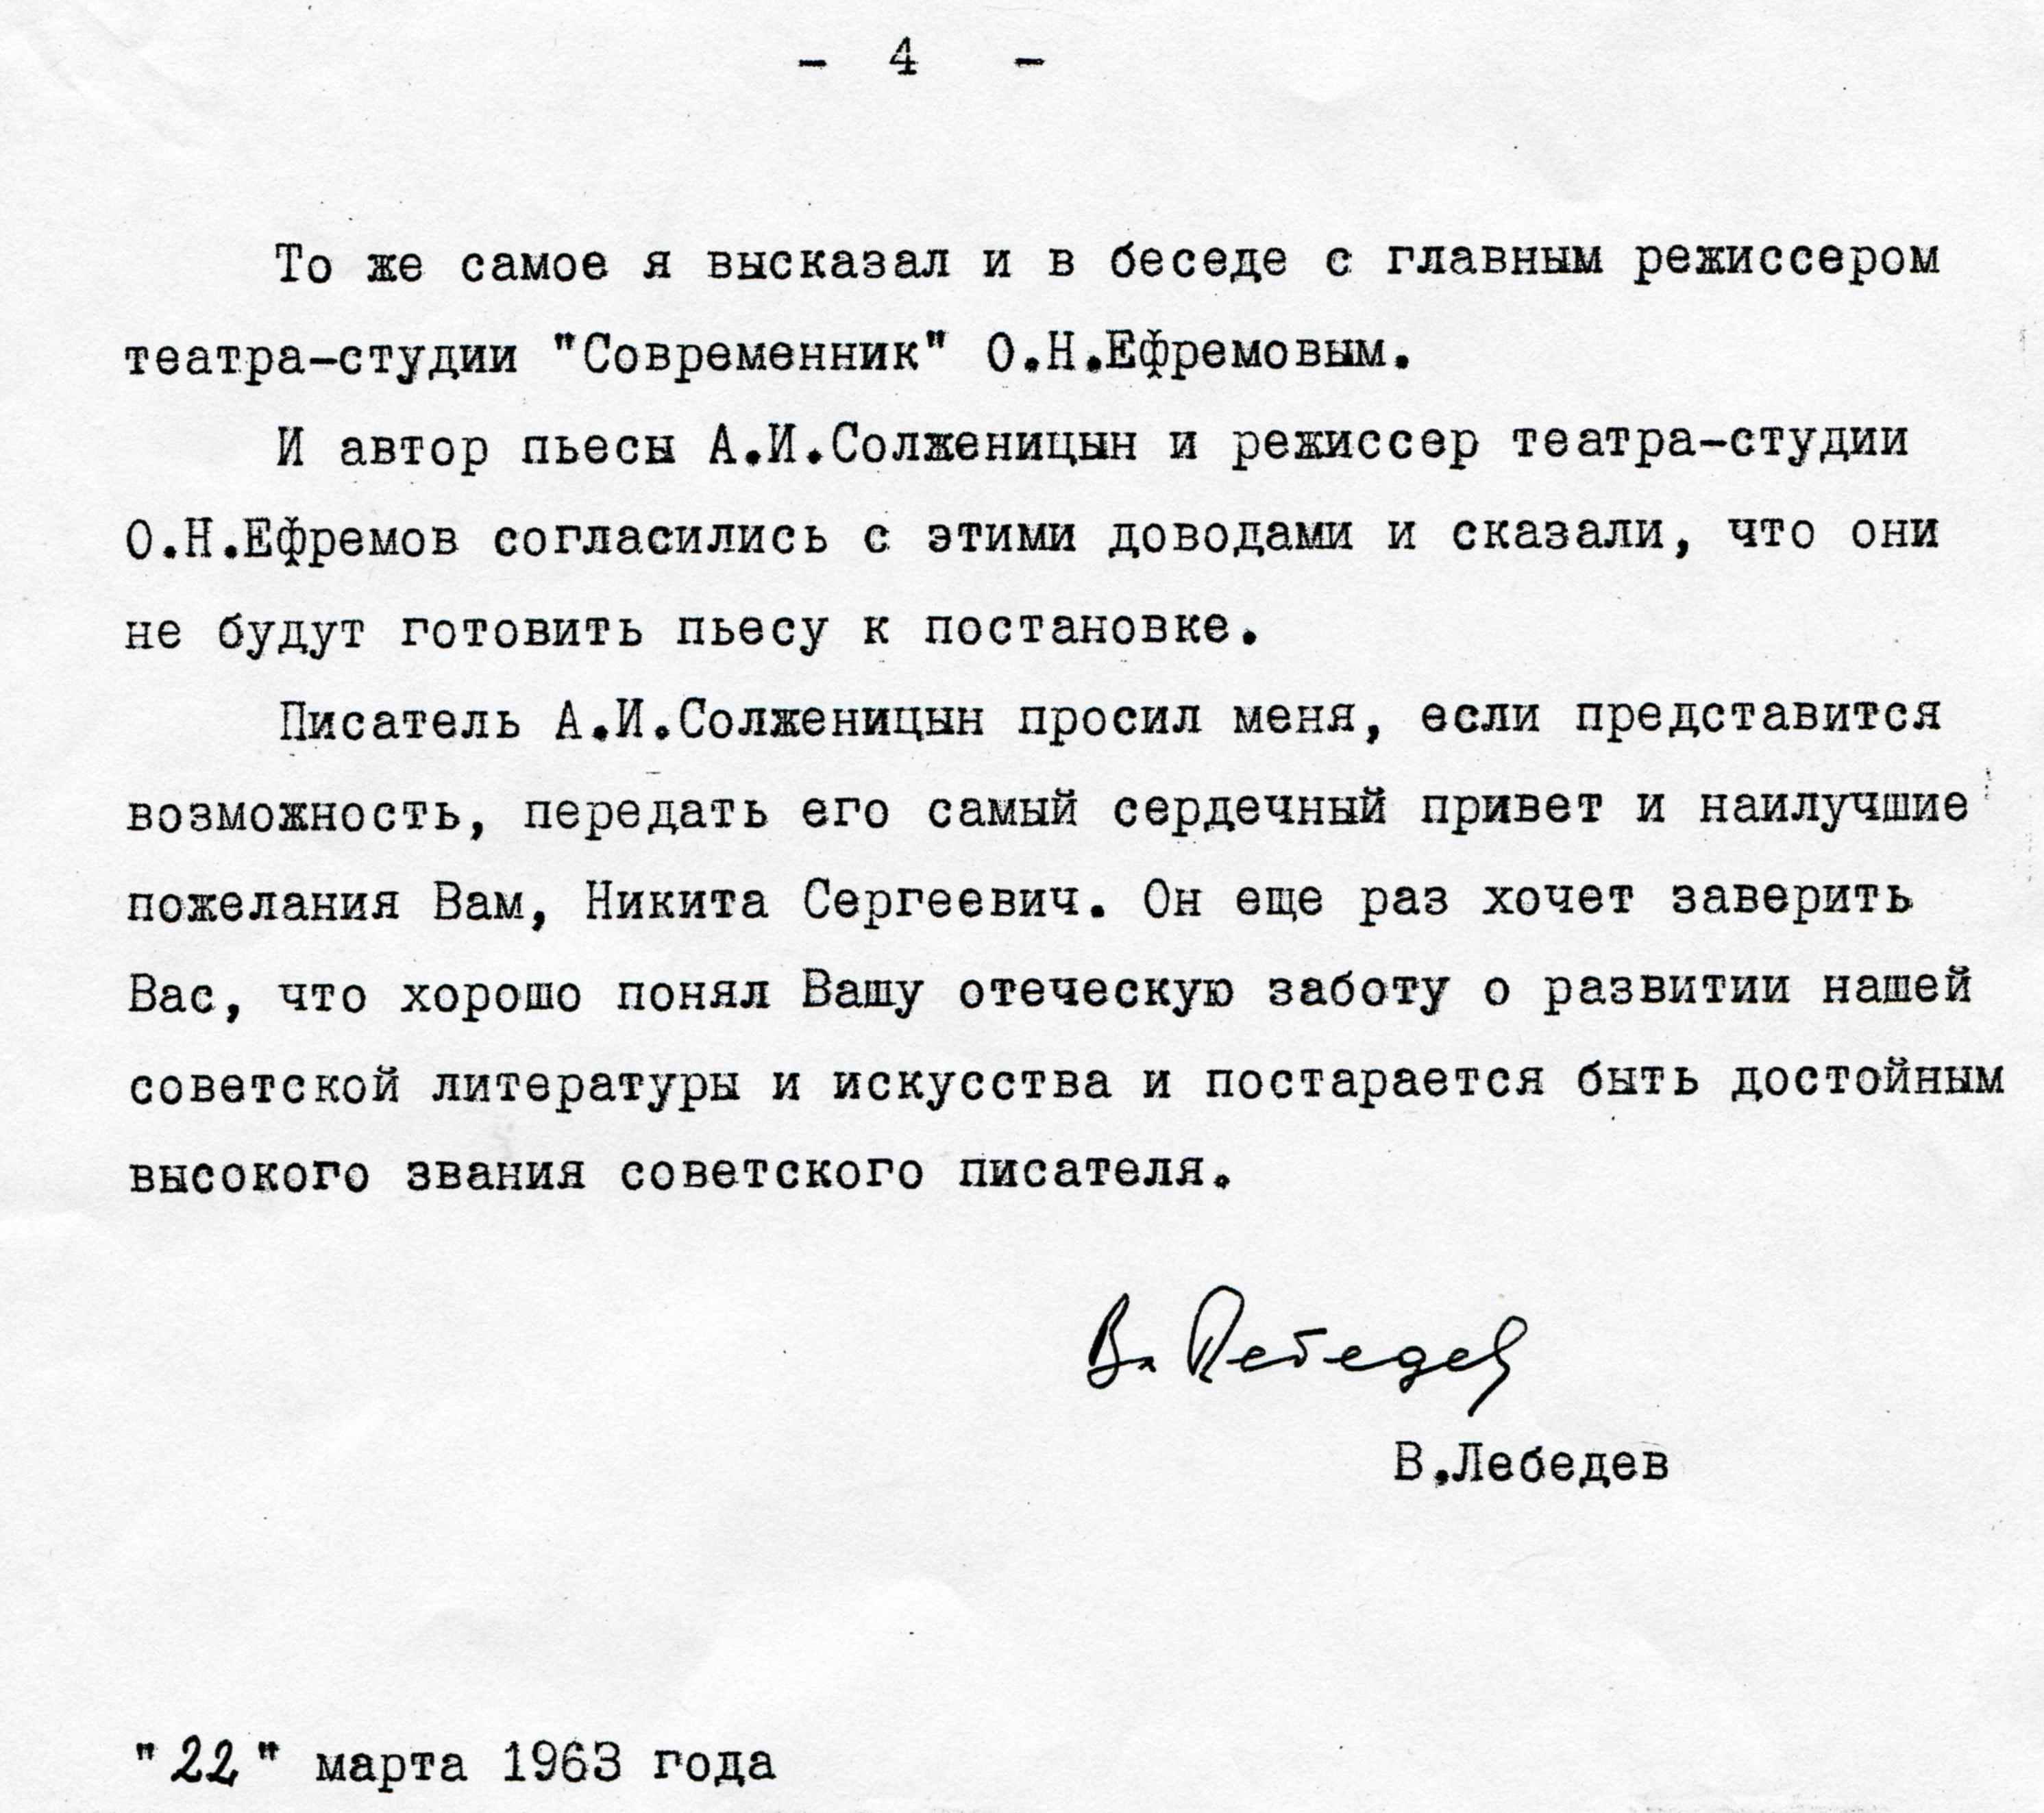 14 ogryzko spravka hruschevu lebedev02